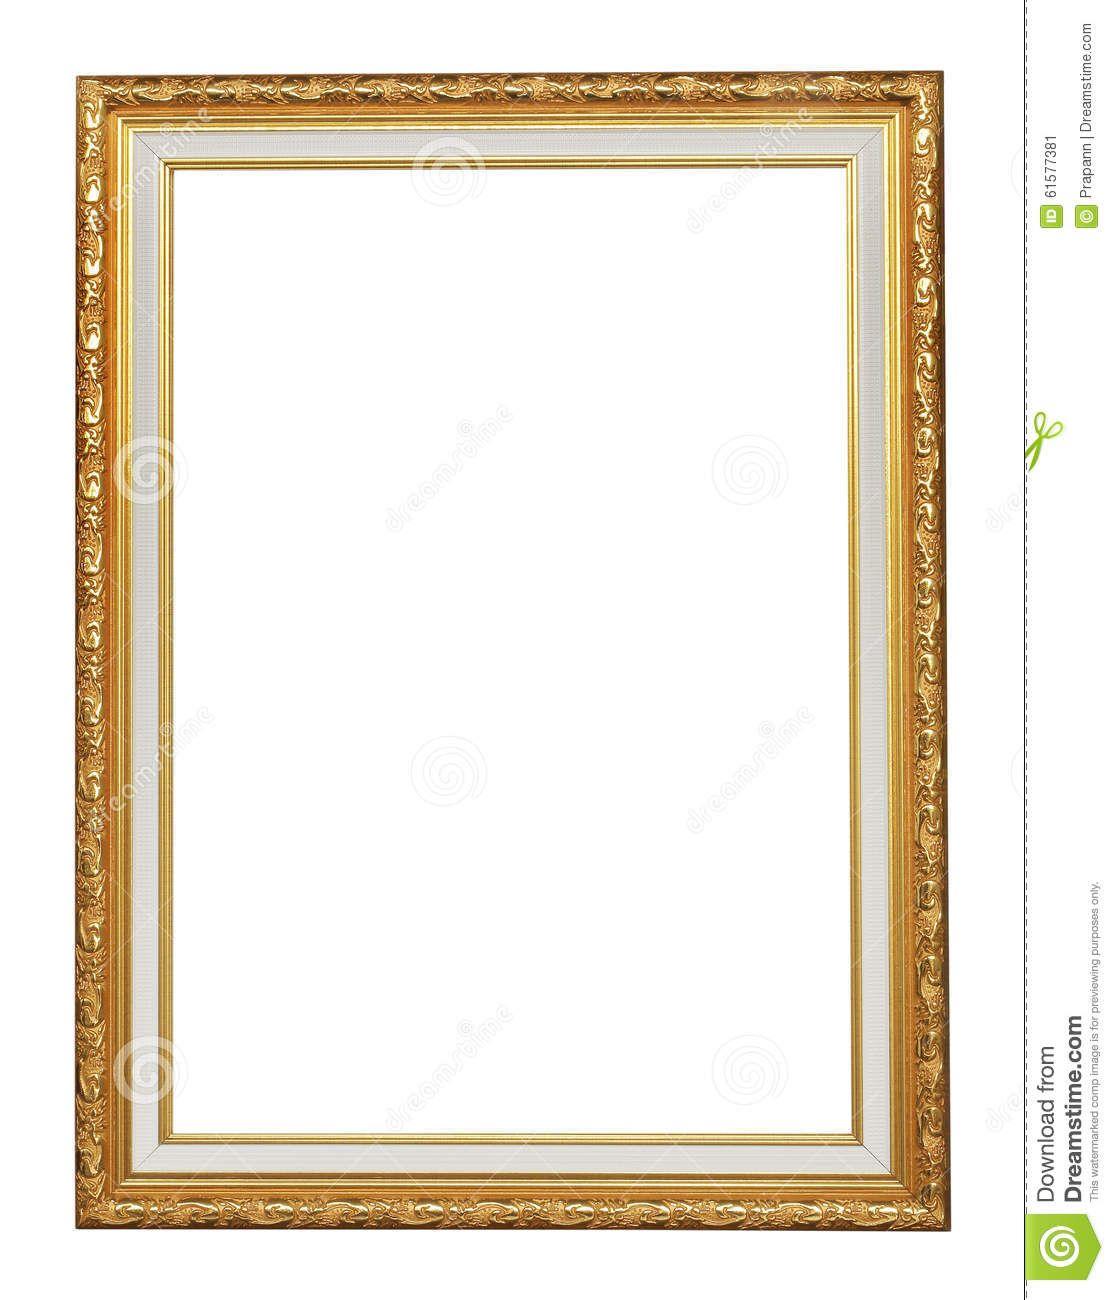 El marco antiguo del oro en el fondo blanco | CUADROS - MARCOS ...